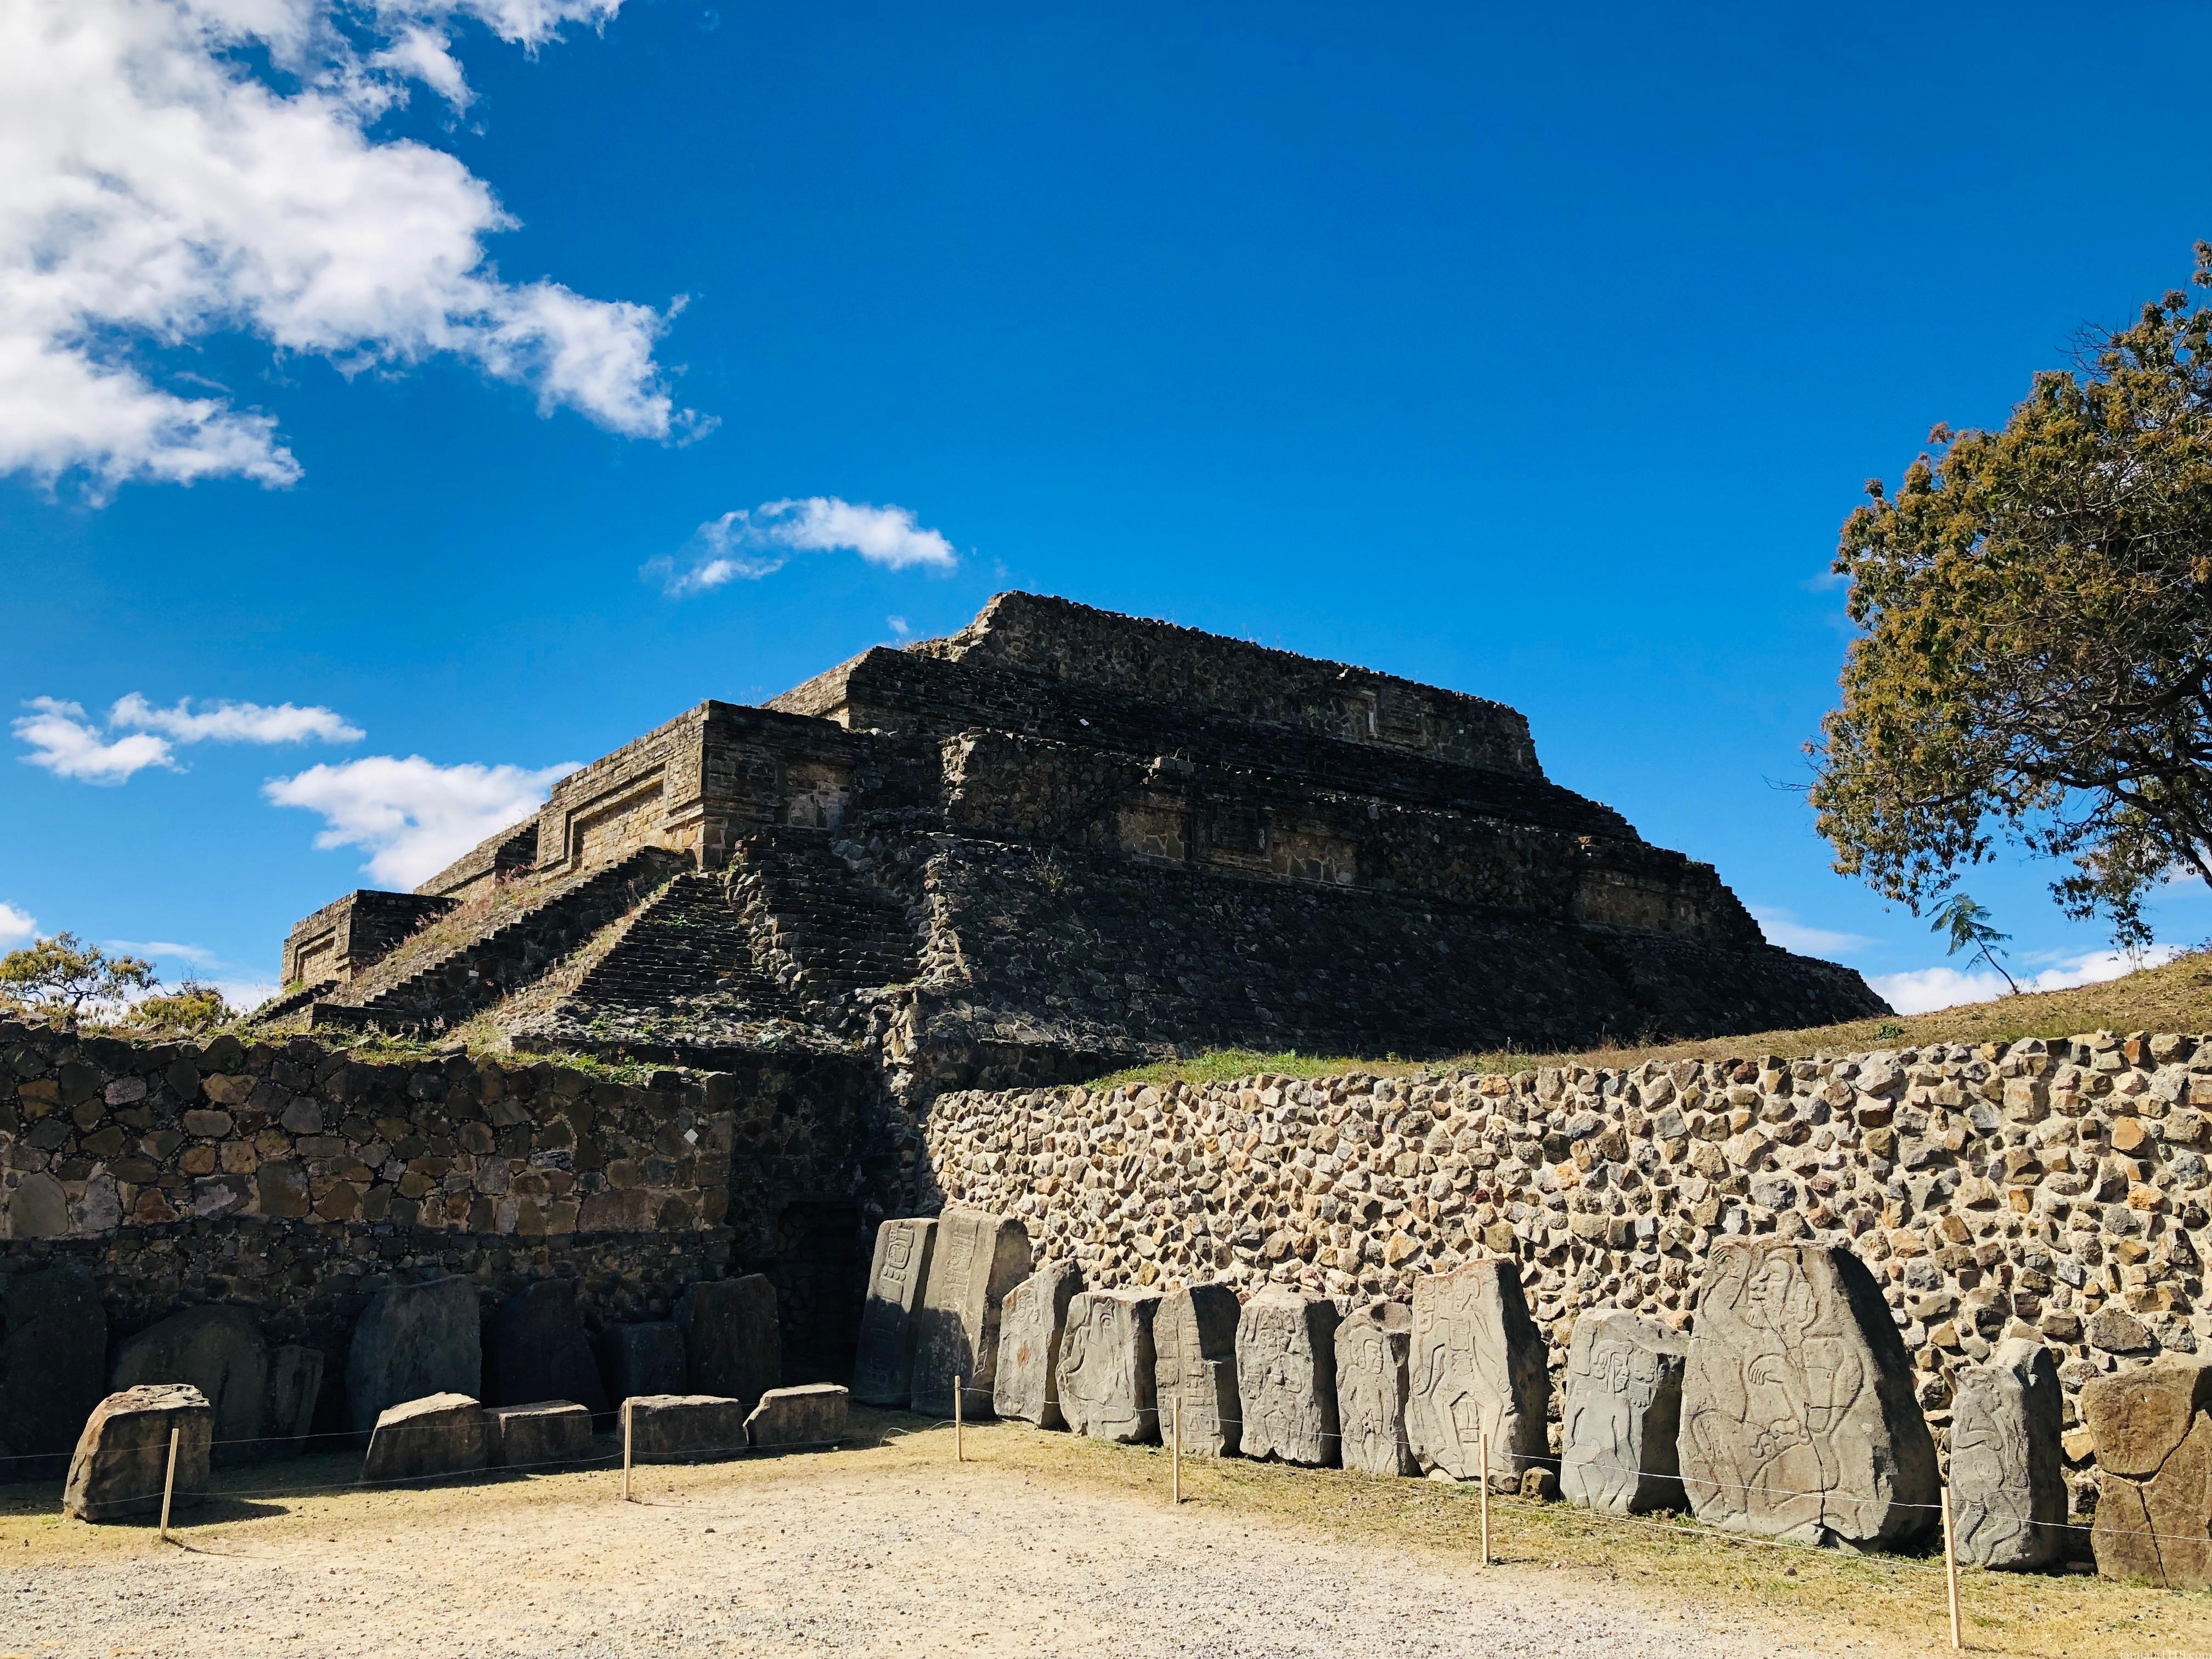 モンテアルバン 踊る人々のピラミッド